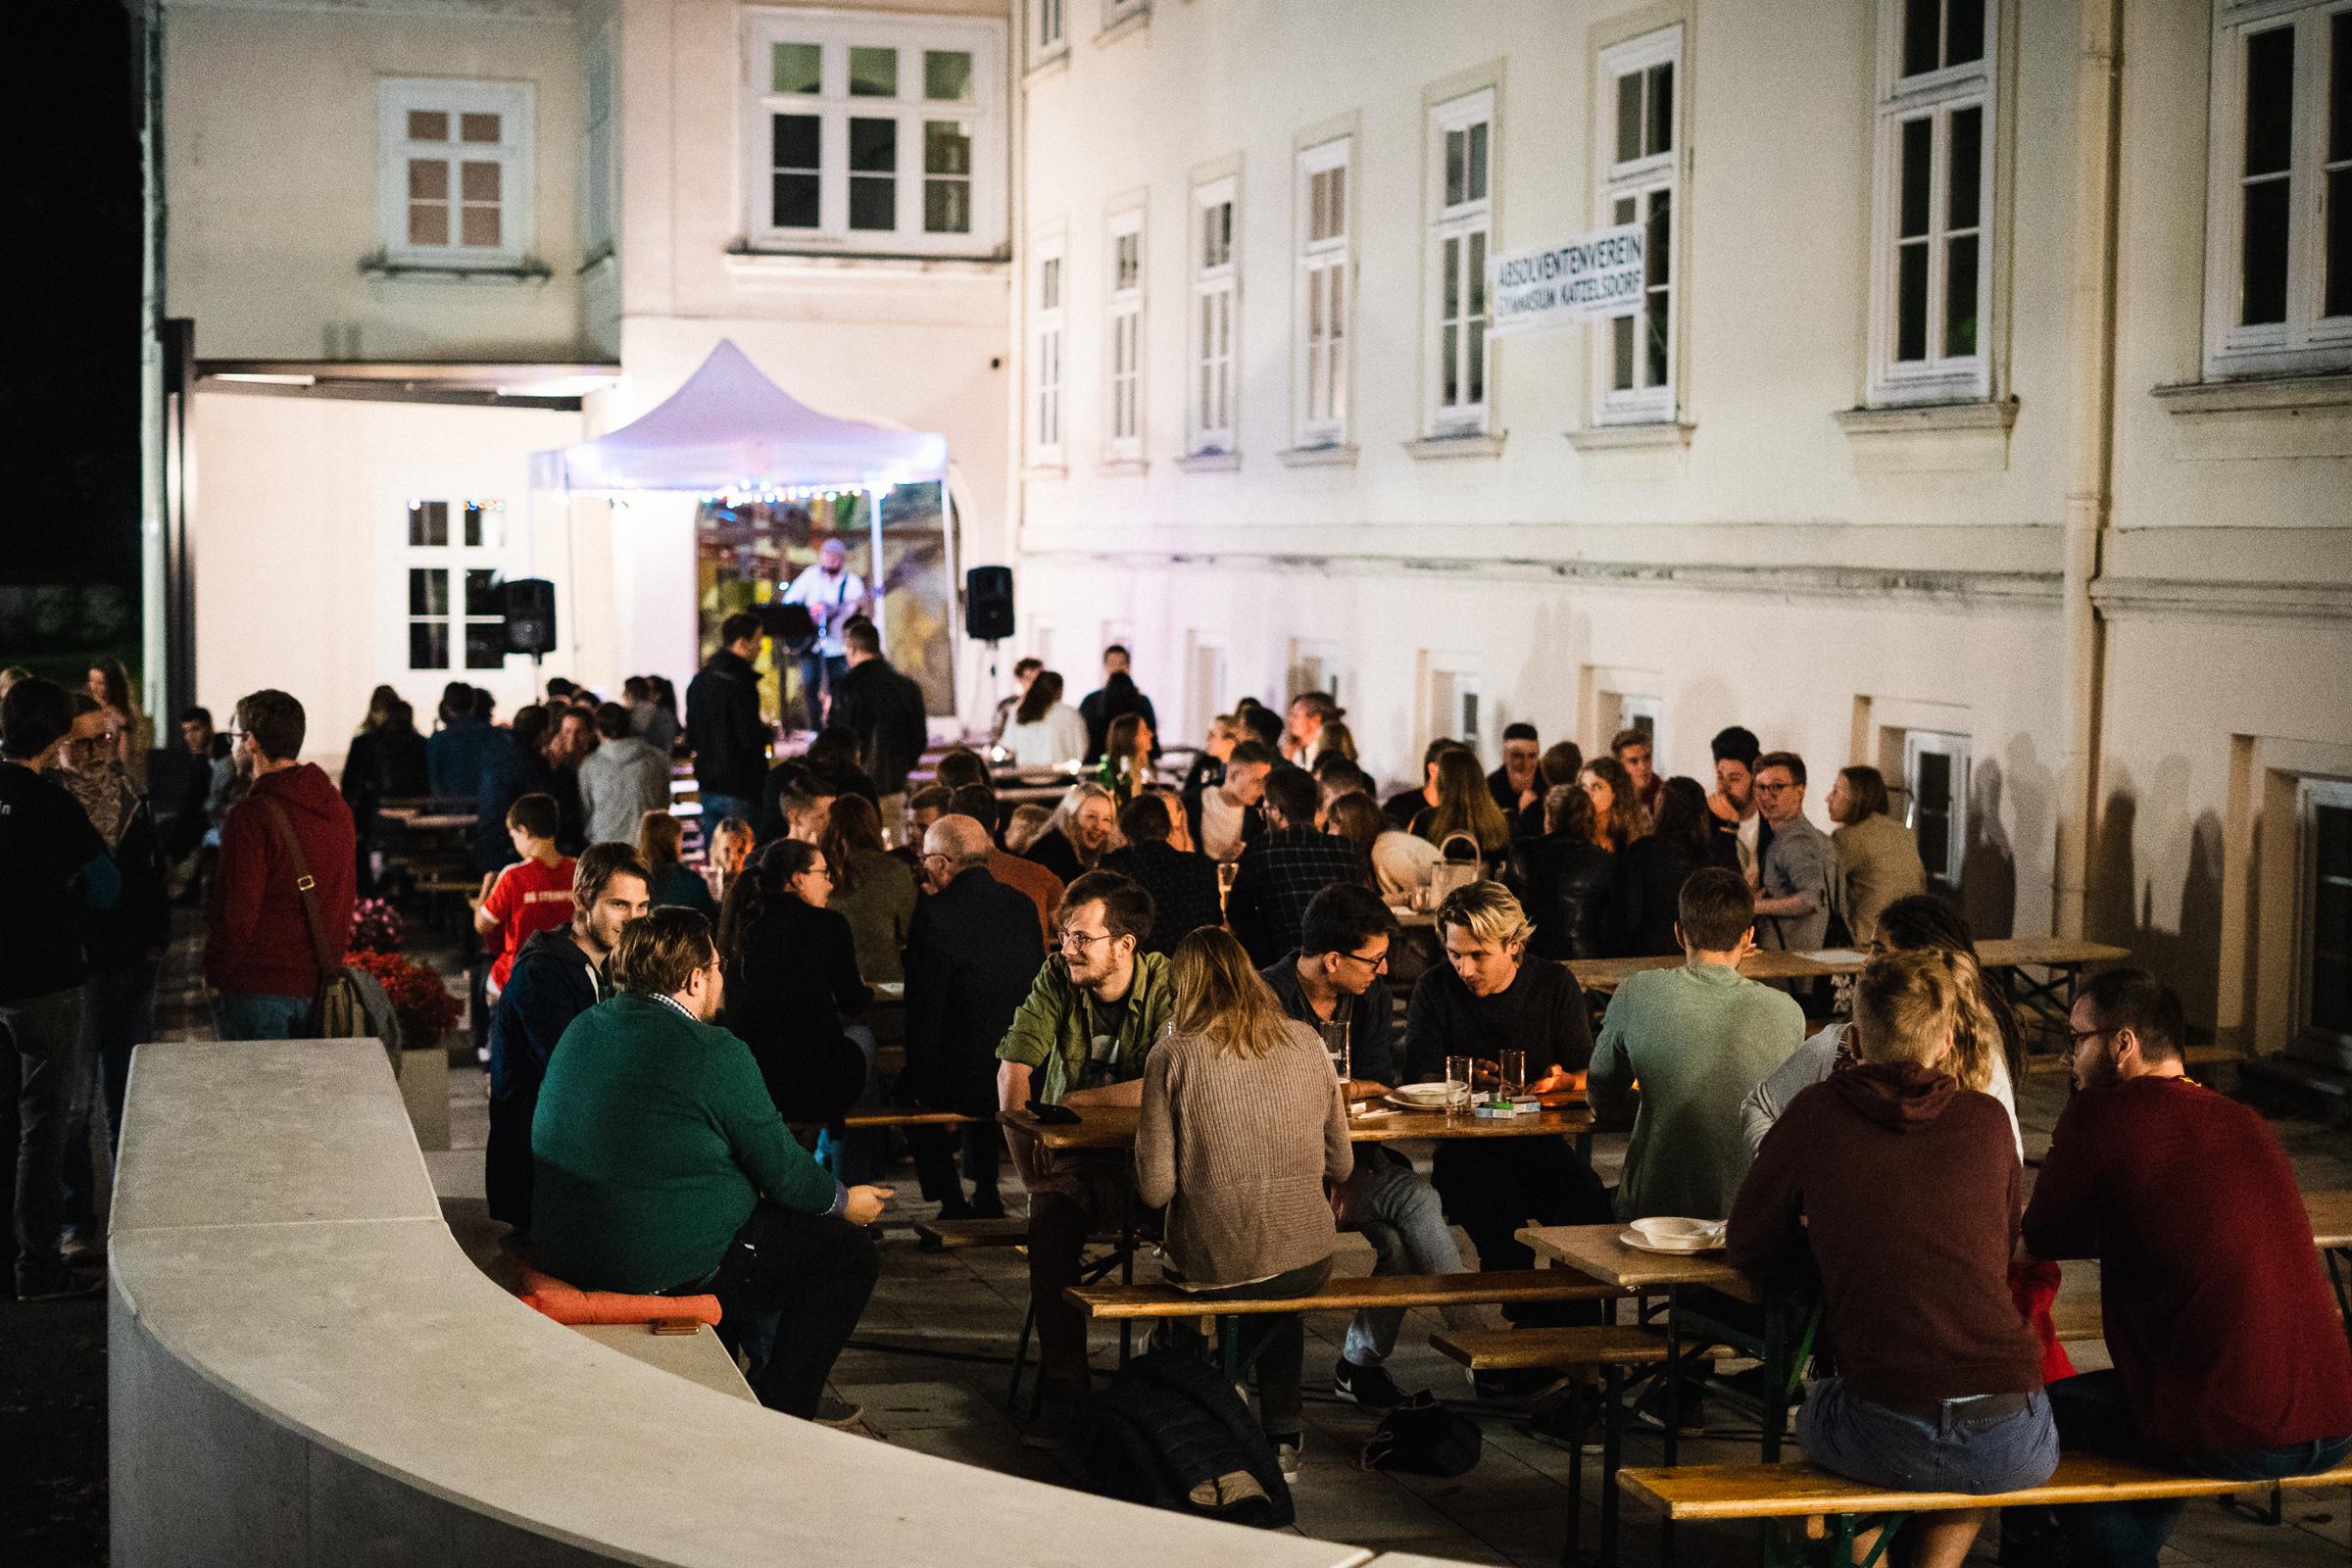 Back to School - das Fest am Vorplatz des KMH-Gymnasiums